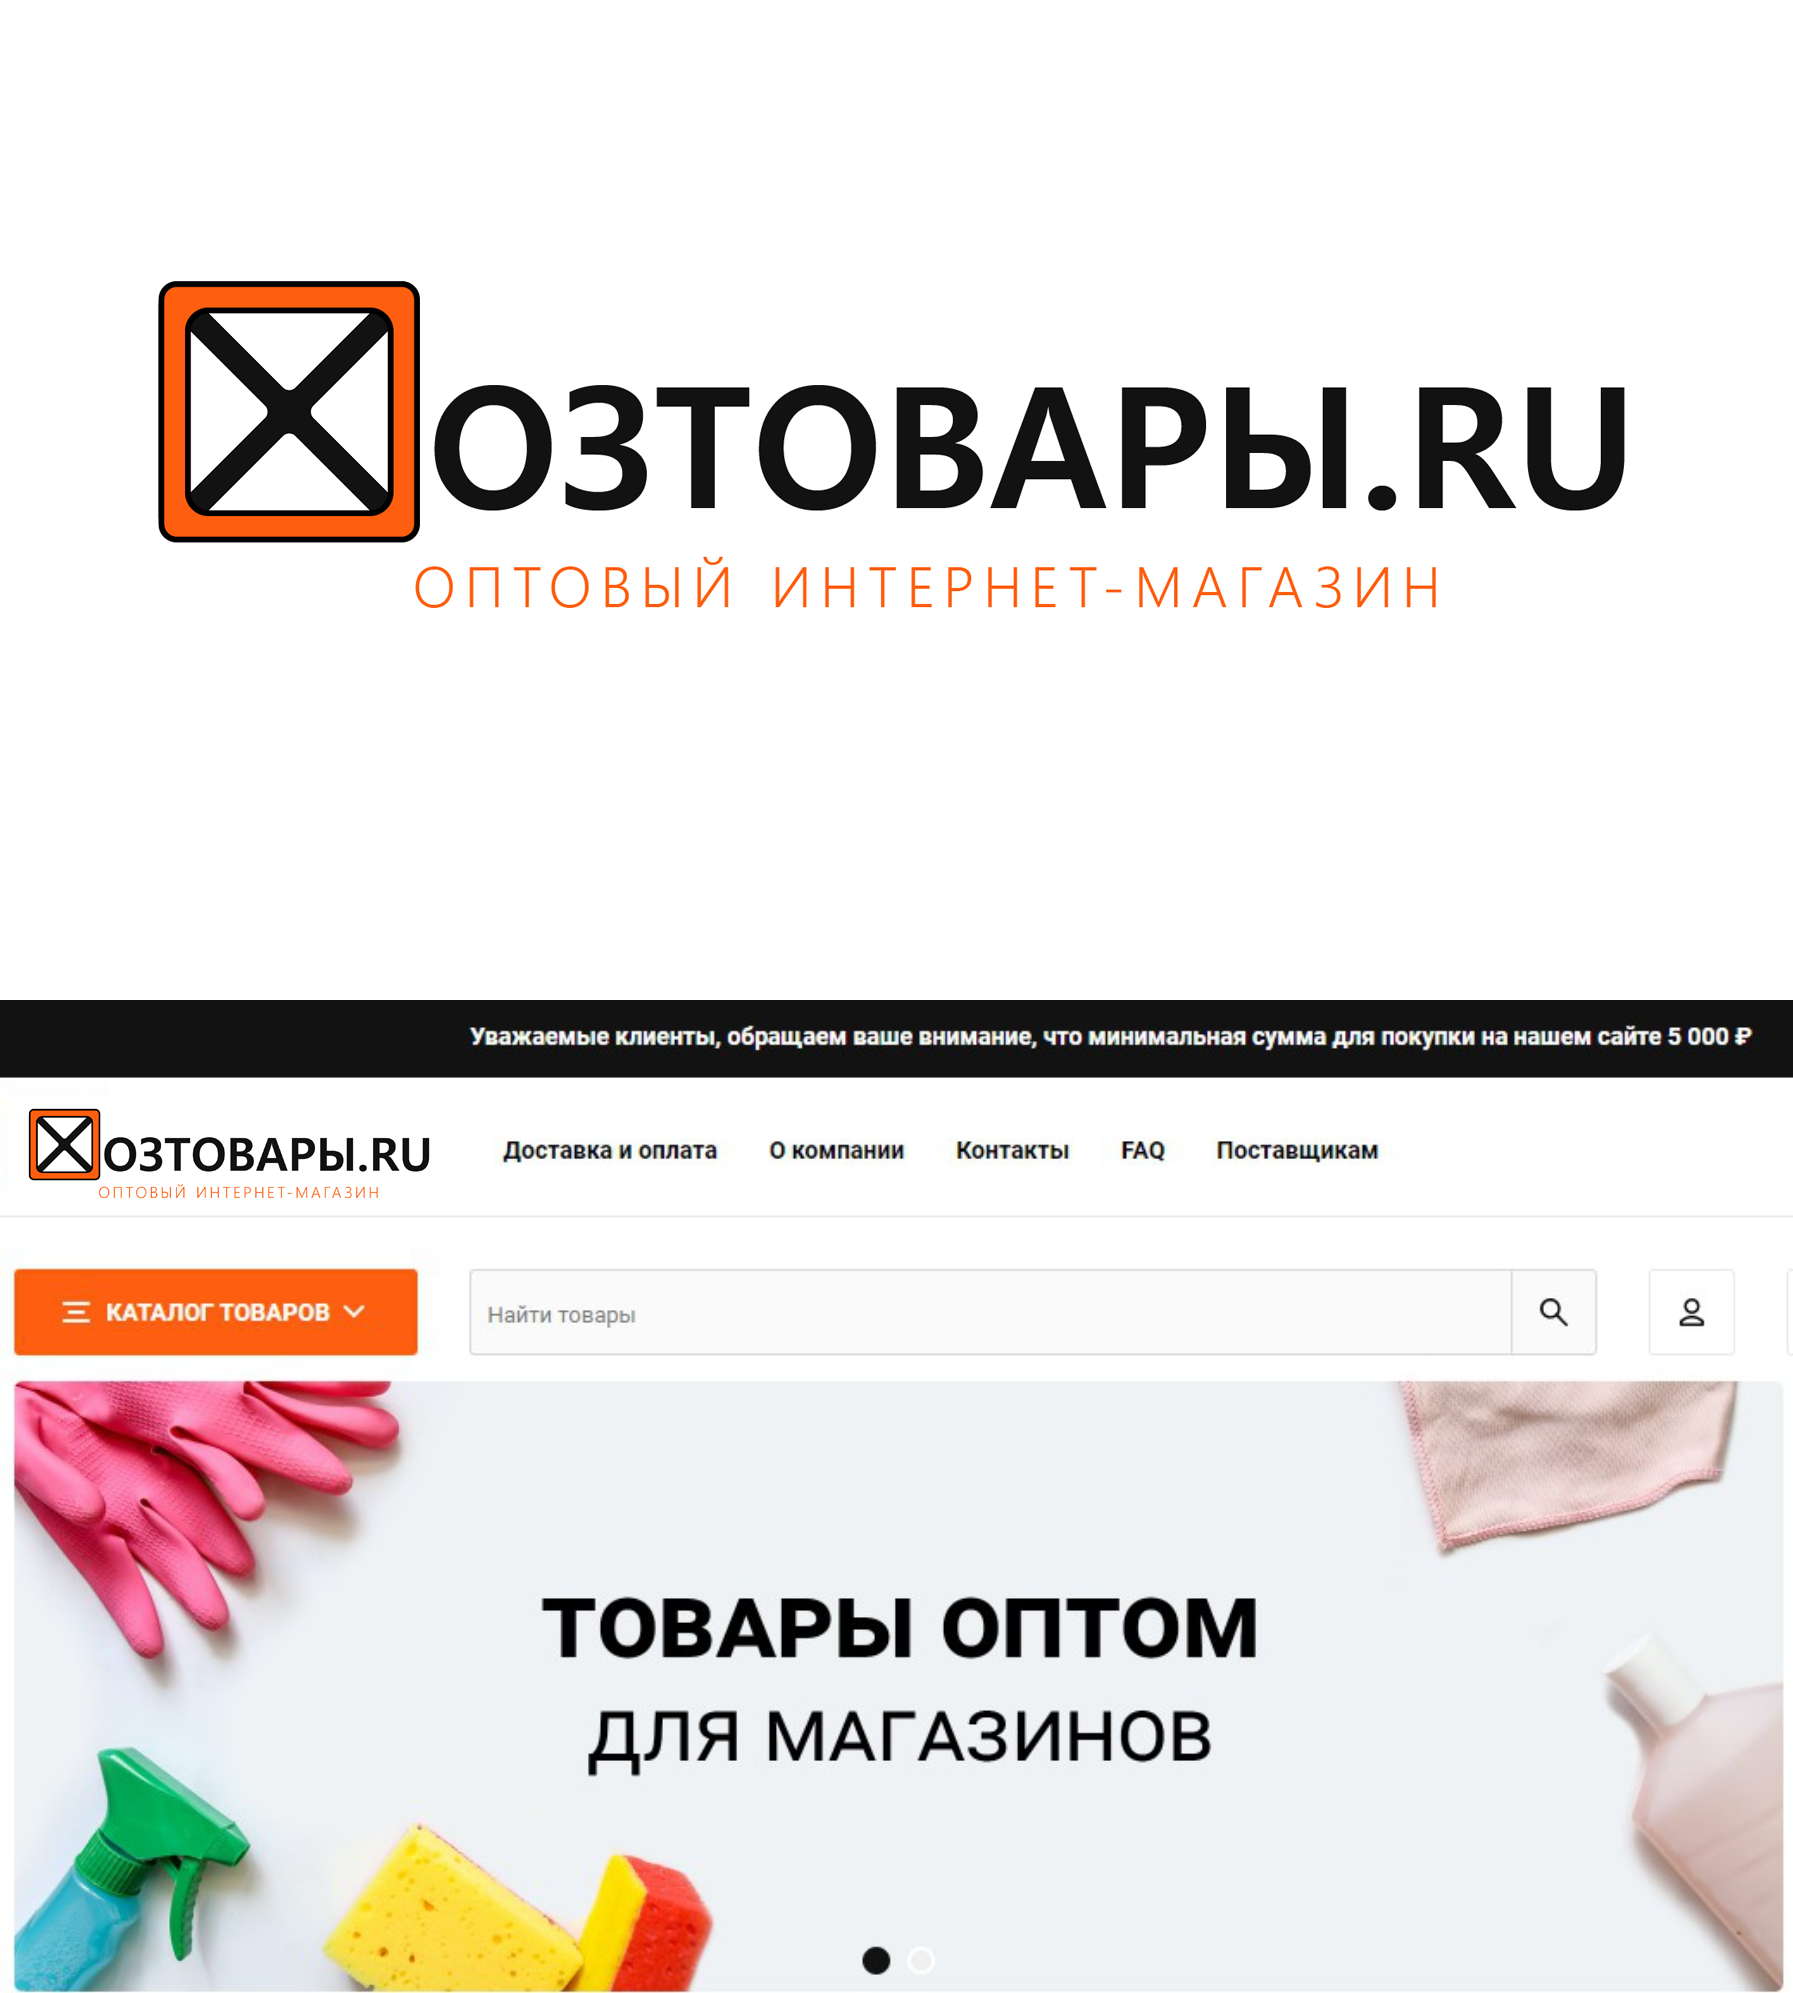 Разработка логотипа для оптового интернет-магазина «Хозтовары.ру» фото f_160606ef204281c2.png